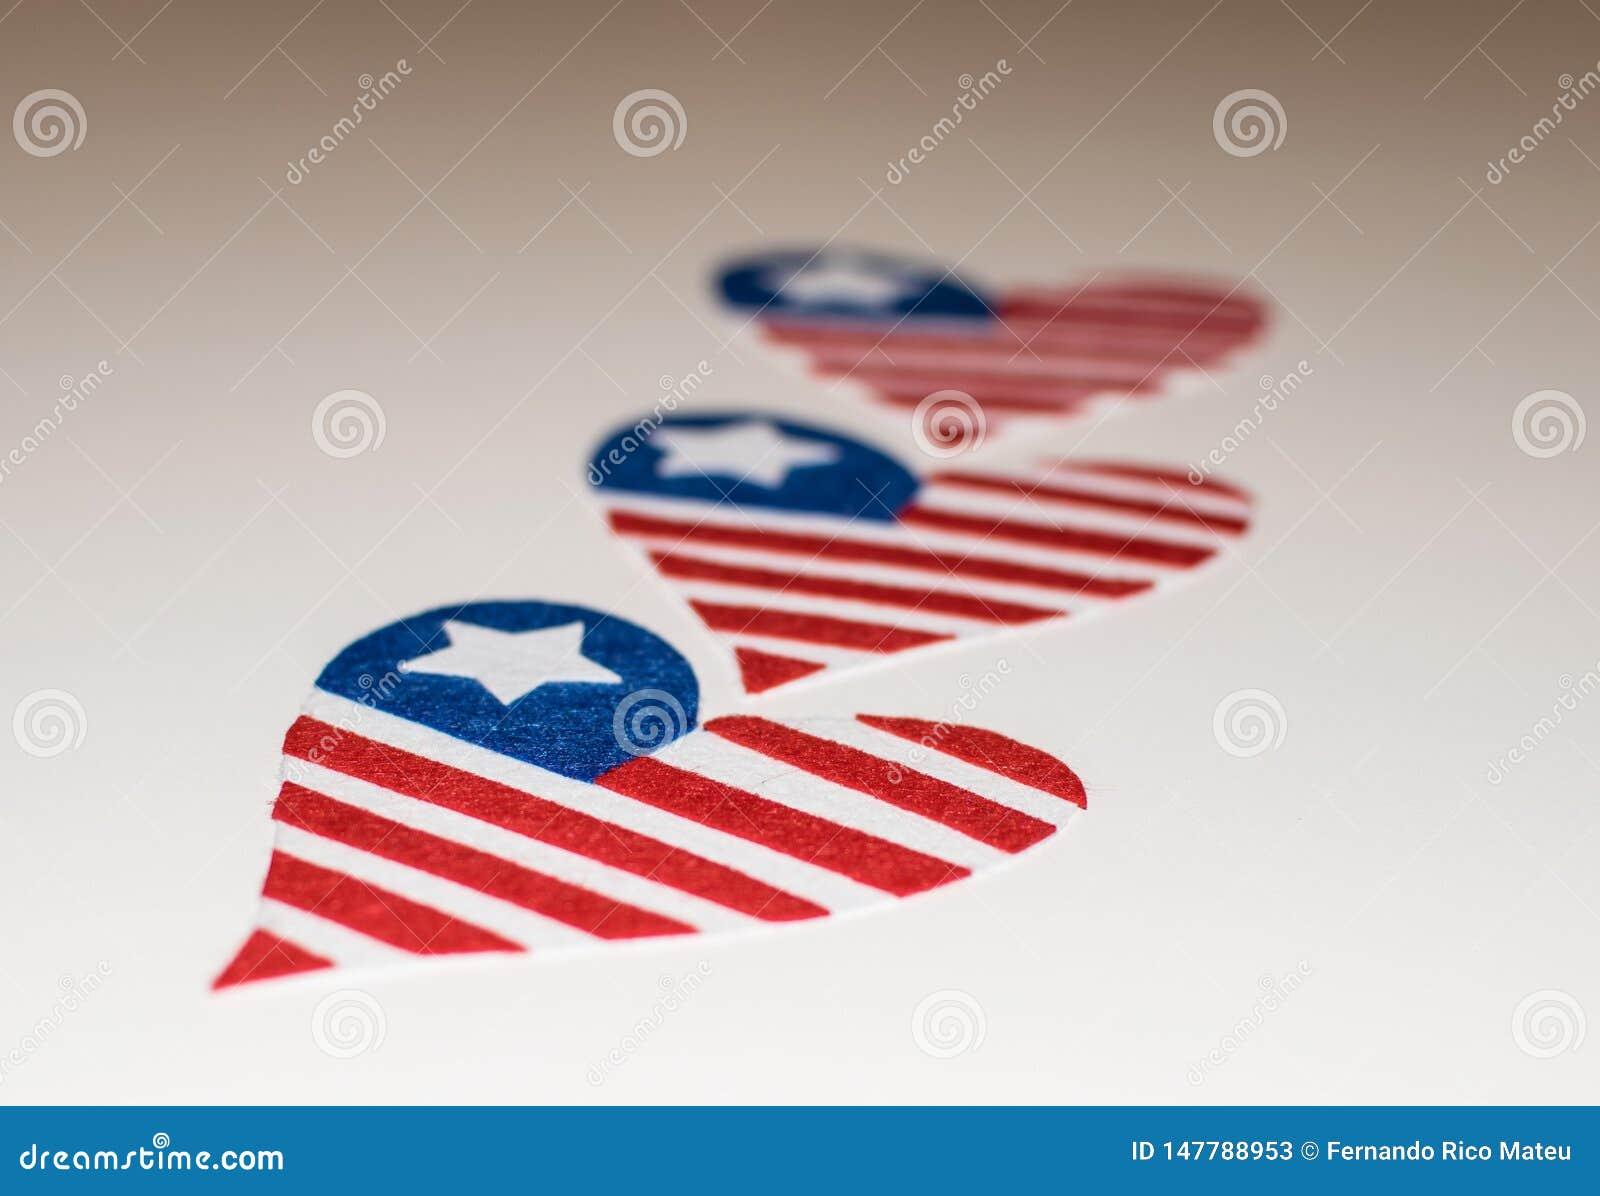 Banderas americanas en forma de coraz?n Icono del amor de las banderas americanas In memoriam del 4 de julio con las banderas pat